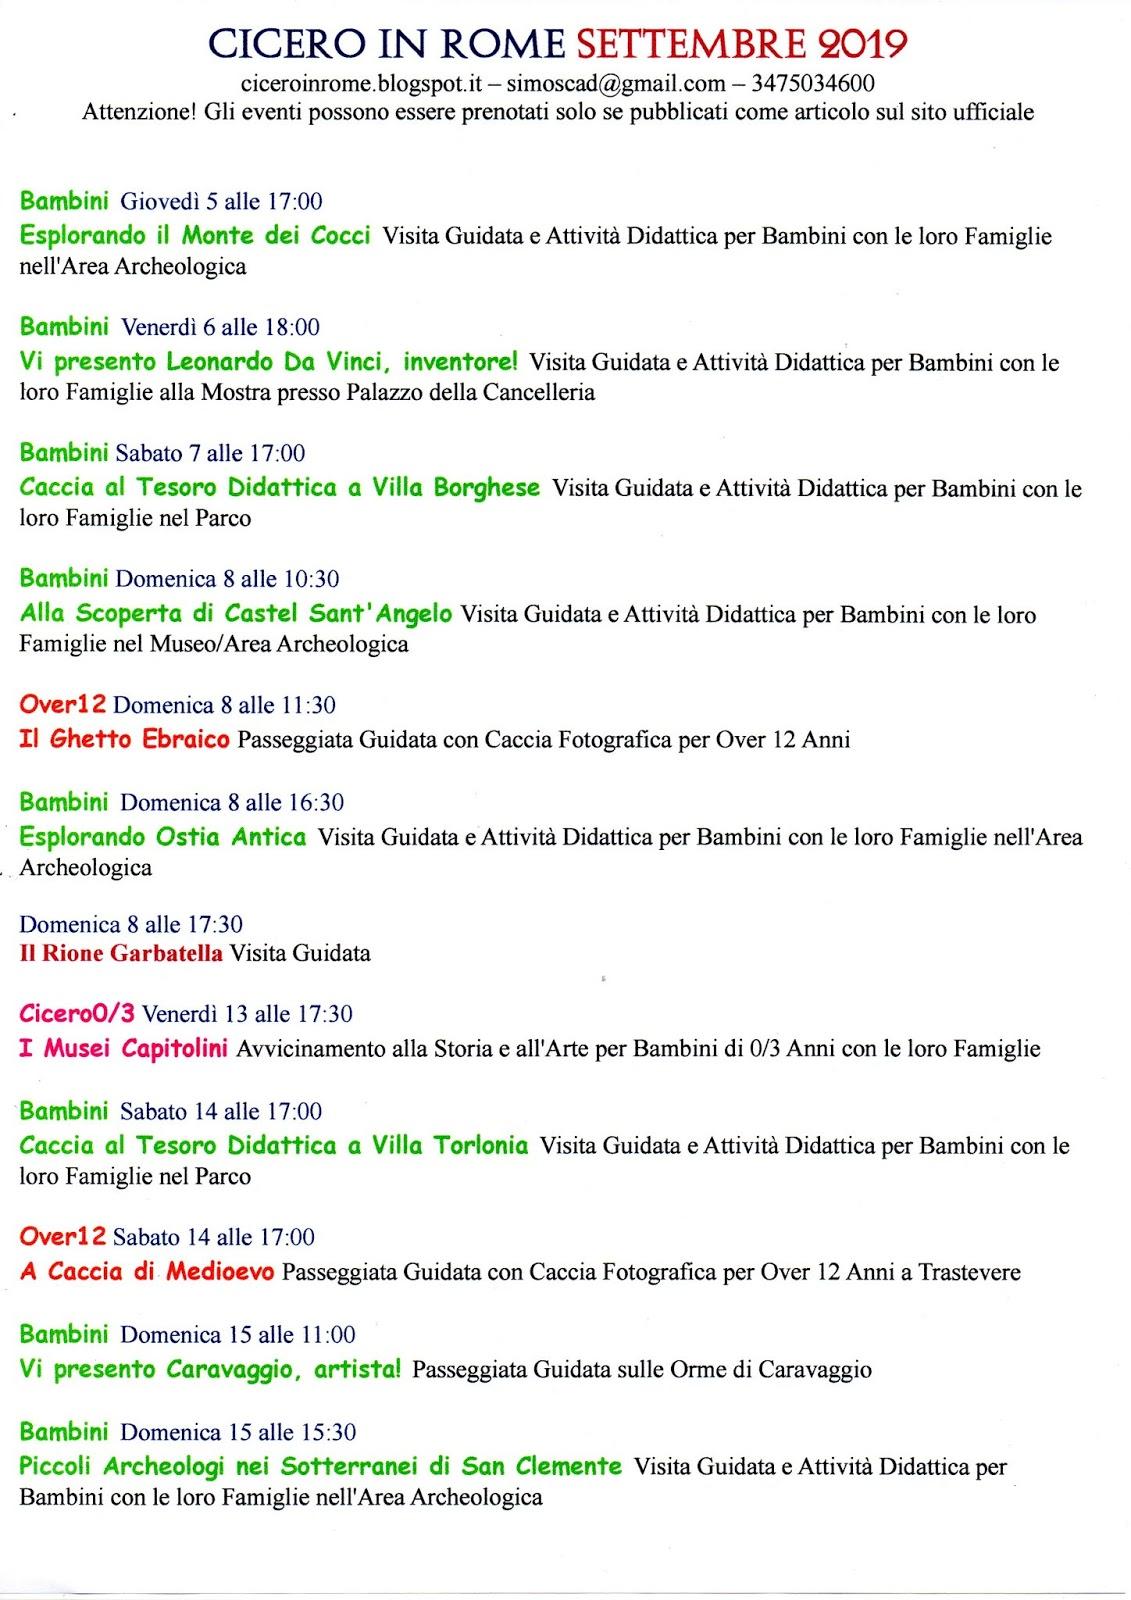 Pagina Di Calendario Settembre 2019.Cicero In Rome Calendario Eventi